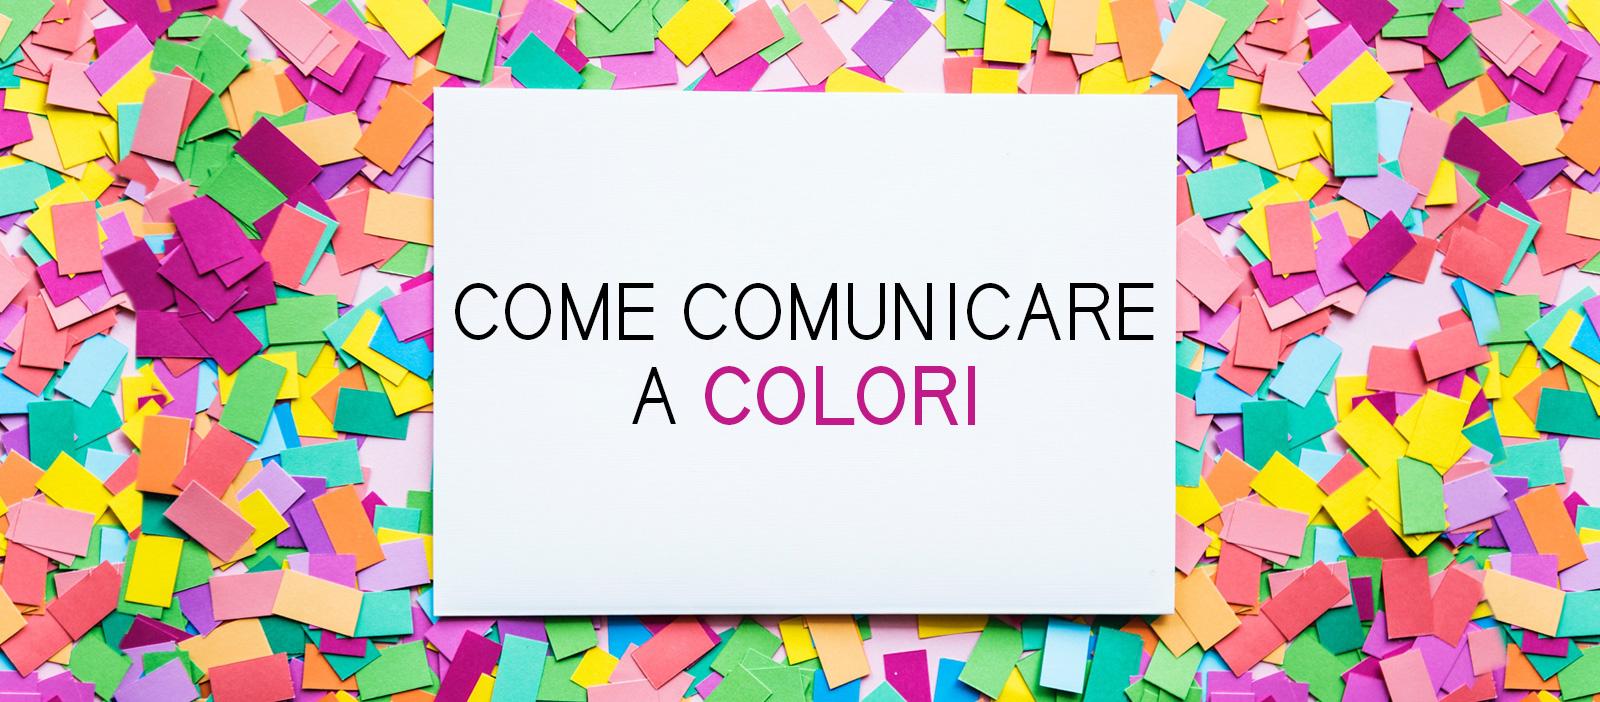 come comunicare a colori